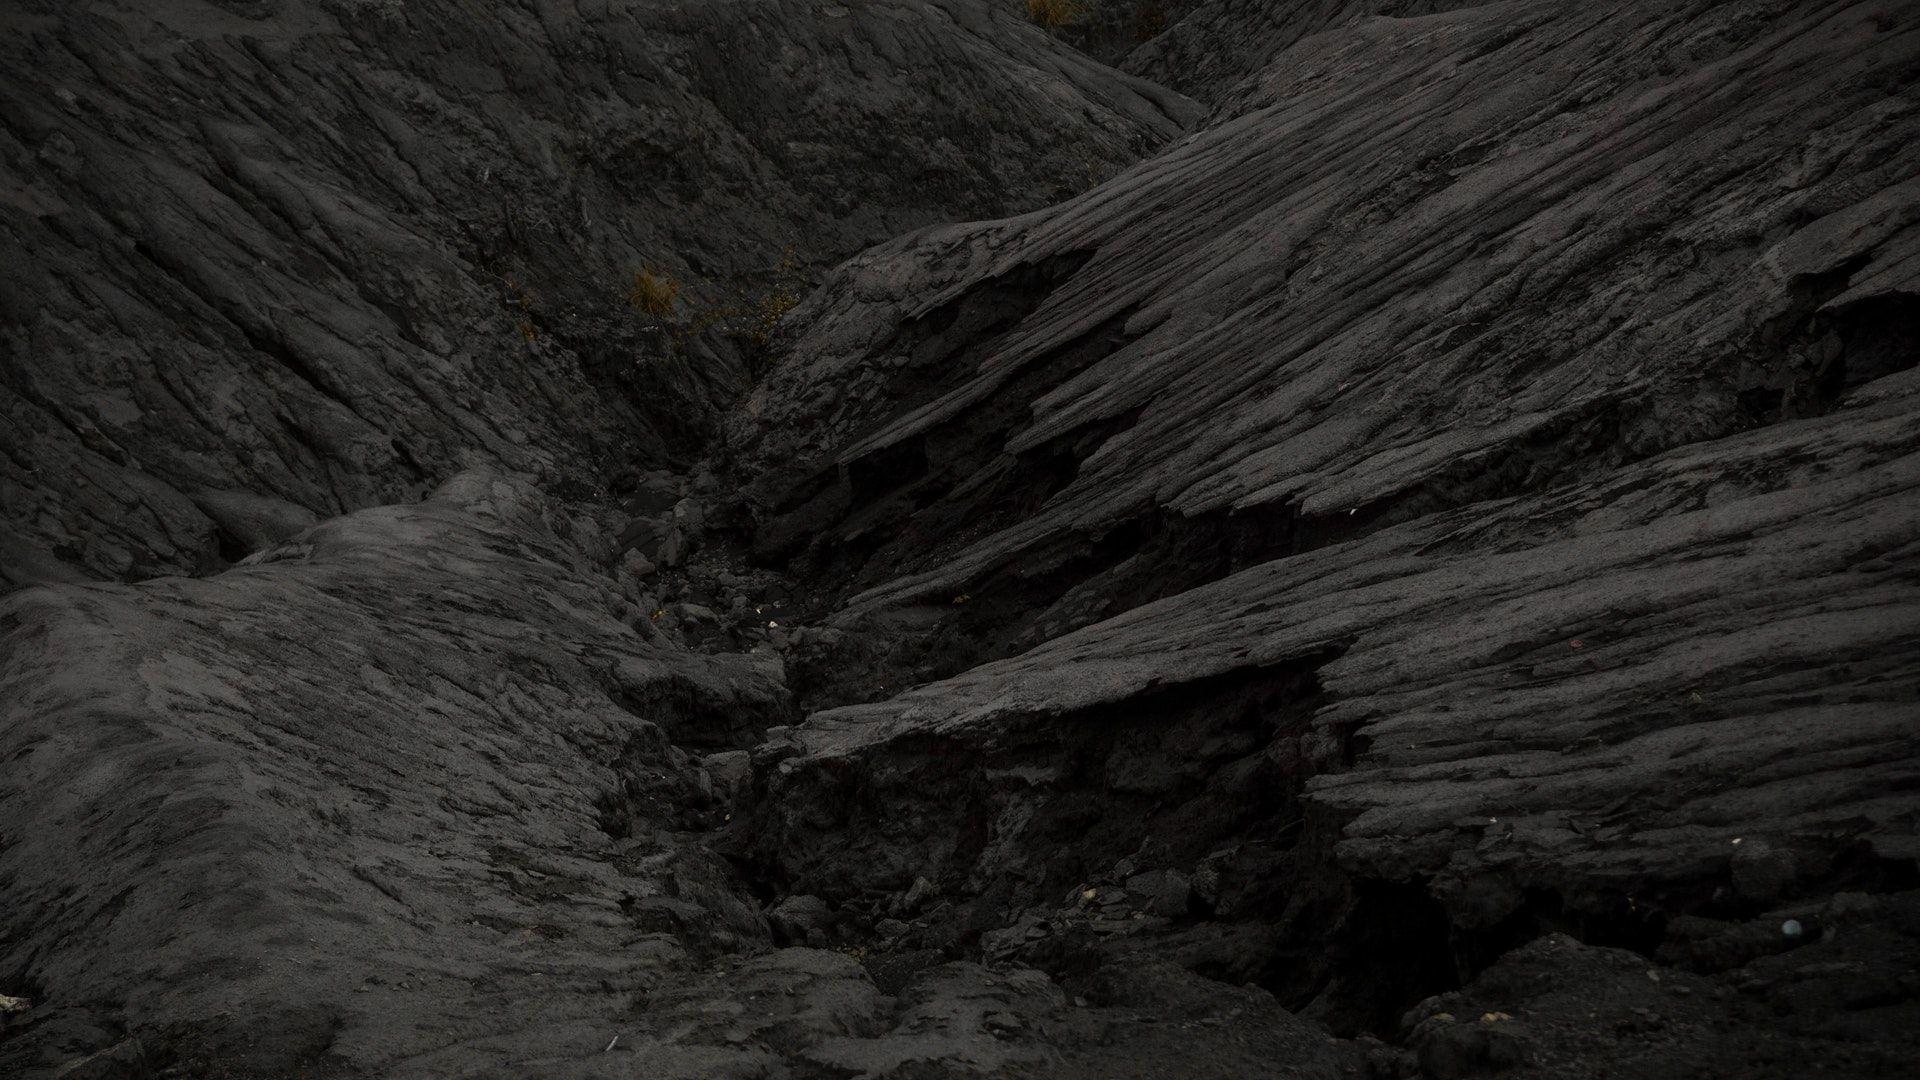 عکس زمینه کوه خاکستری تیره پس زمینه